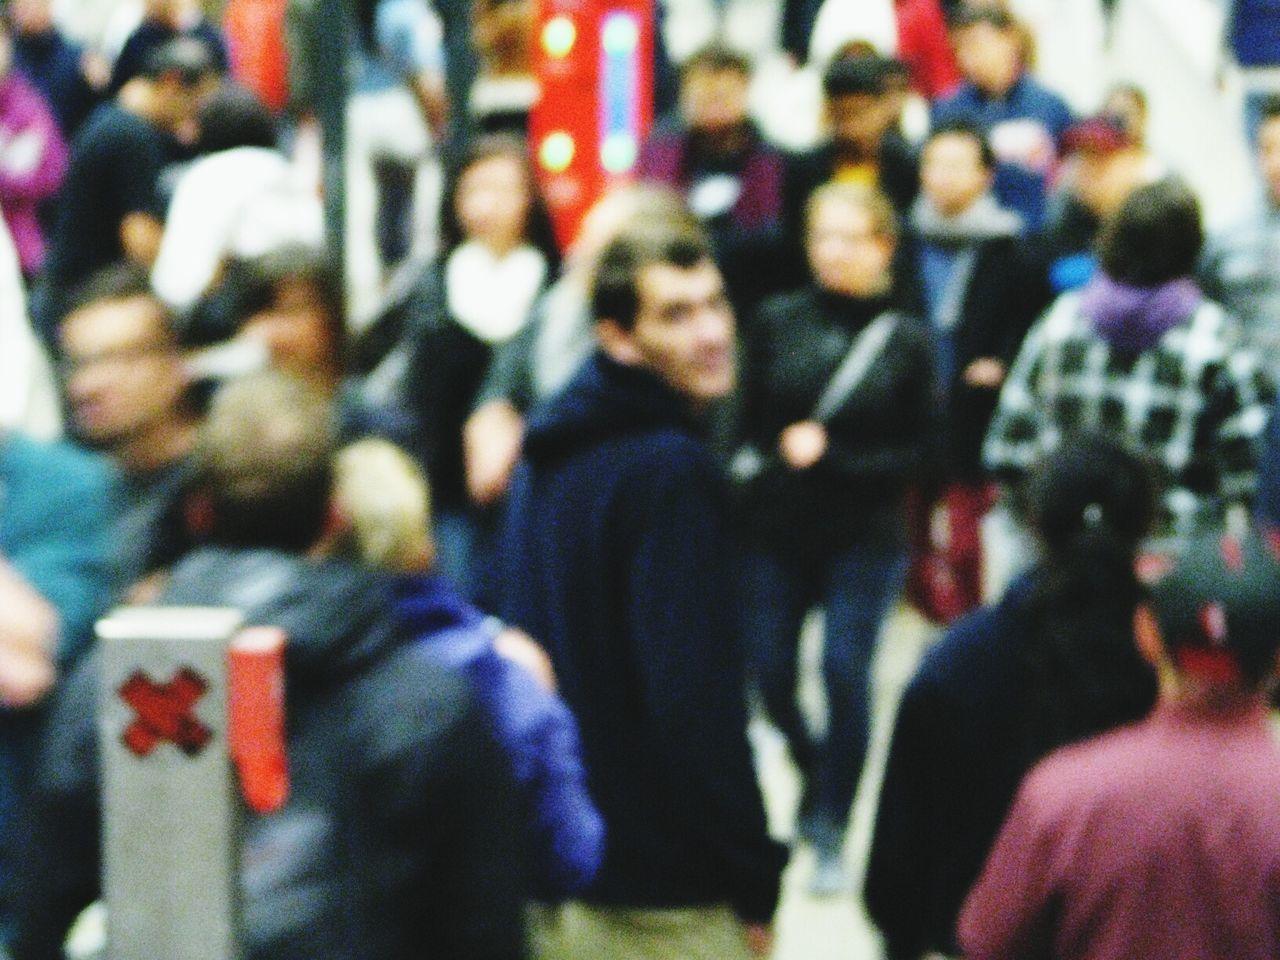 In The Terminal Subwayphotography Subway Stories Random People Menschen Kommen Und Gehen Subway People U Bahn Peoplephotography Verschwommen Umdrehen Likeforlike #likemyphoto #qlikemyphotos #like4like #likemypic #likeback #ilikeback #10likes #50likes #100likes #20likes #likere Follow #f4f #followme #TagsForLikes #TFLers #followforfollow #follow4follow #teamfollowback #followher #followbackteam #followh